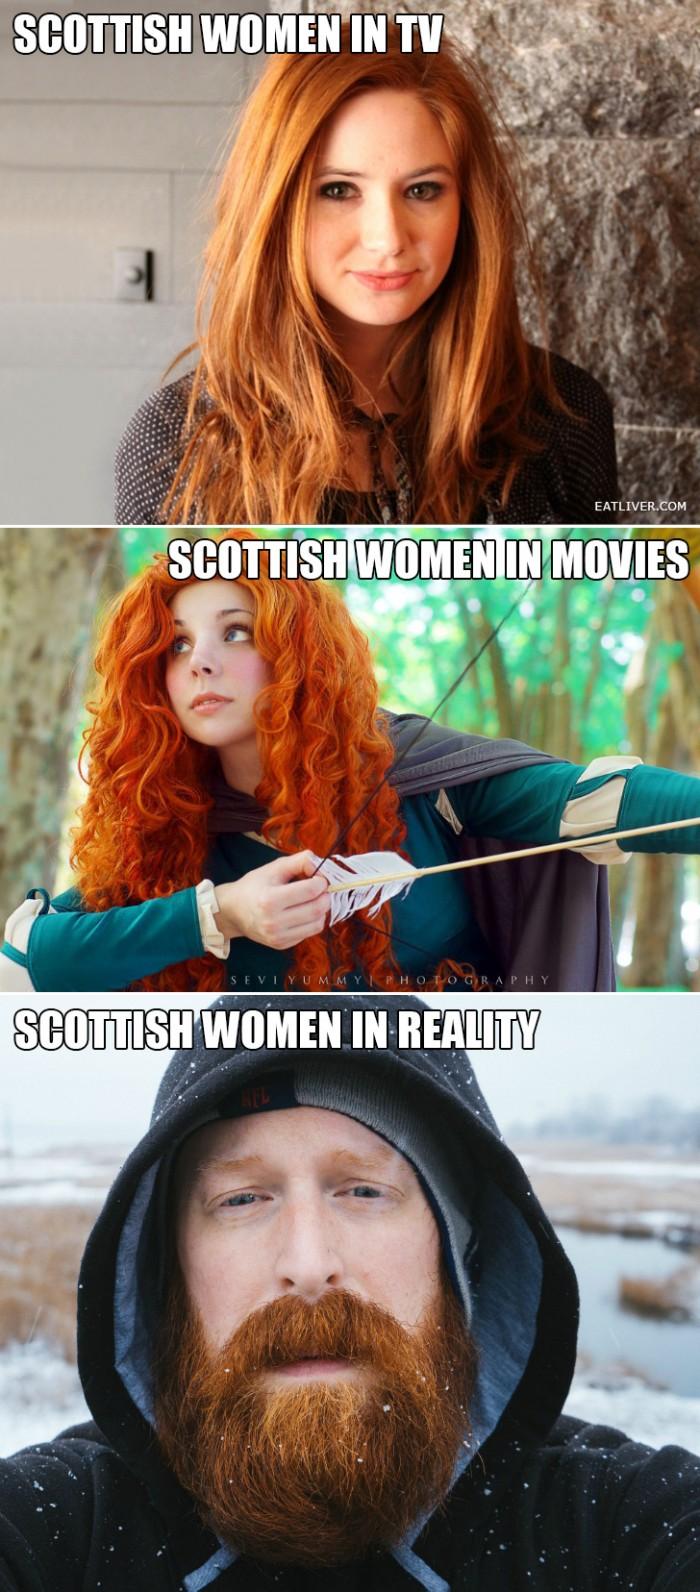 scottish women.jpg